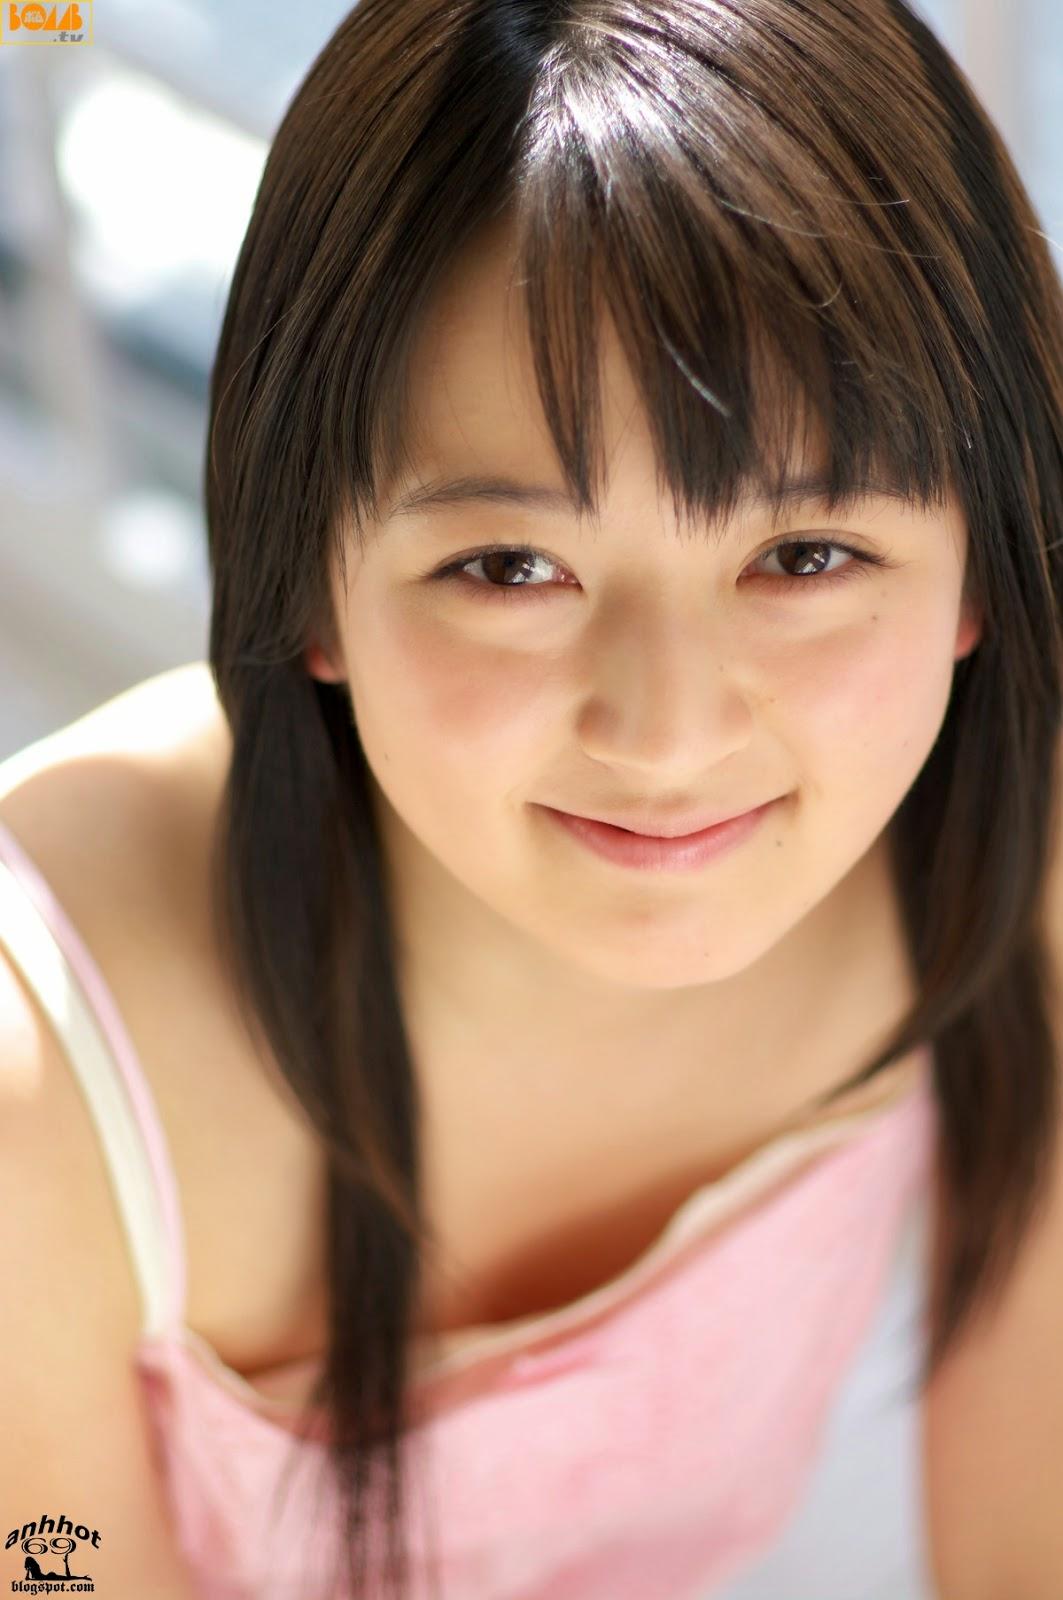 saki-takayama-00855654